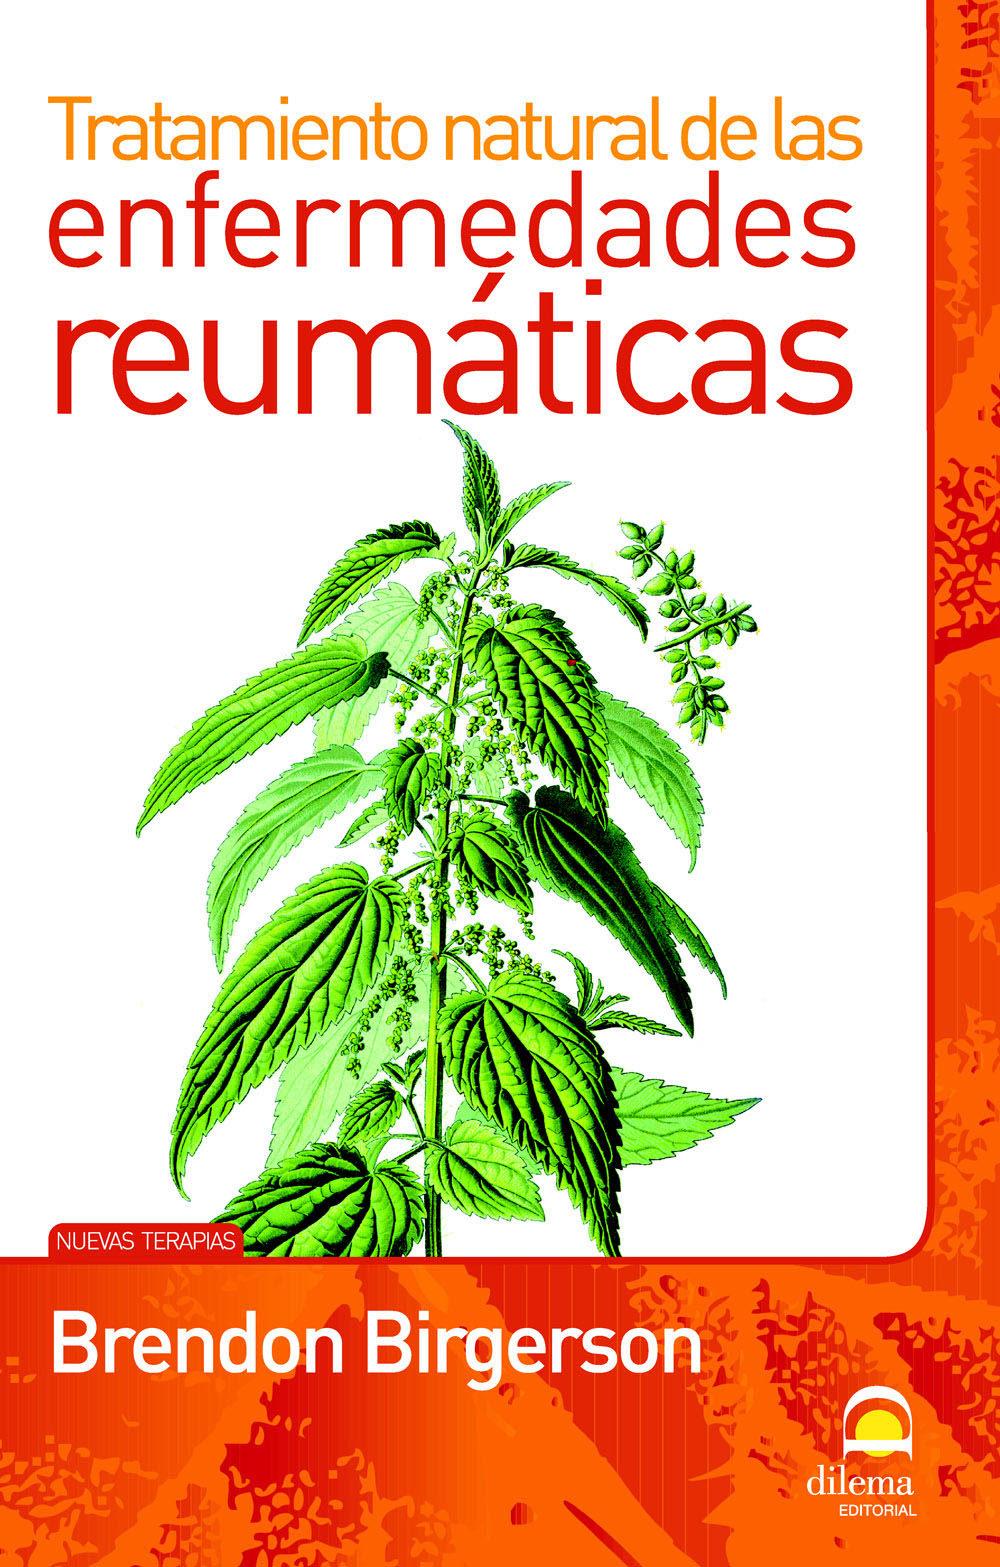 Enfermedades Reumaticas: Tratamiento Natural - Birgerson Brendon